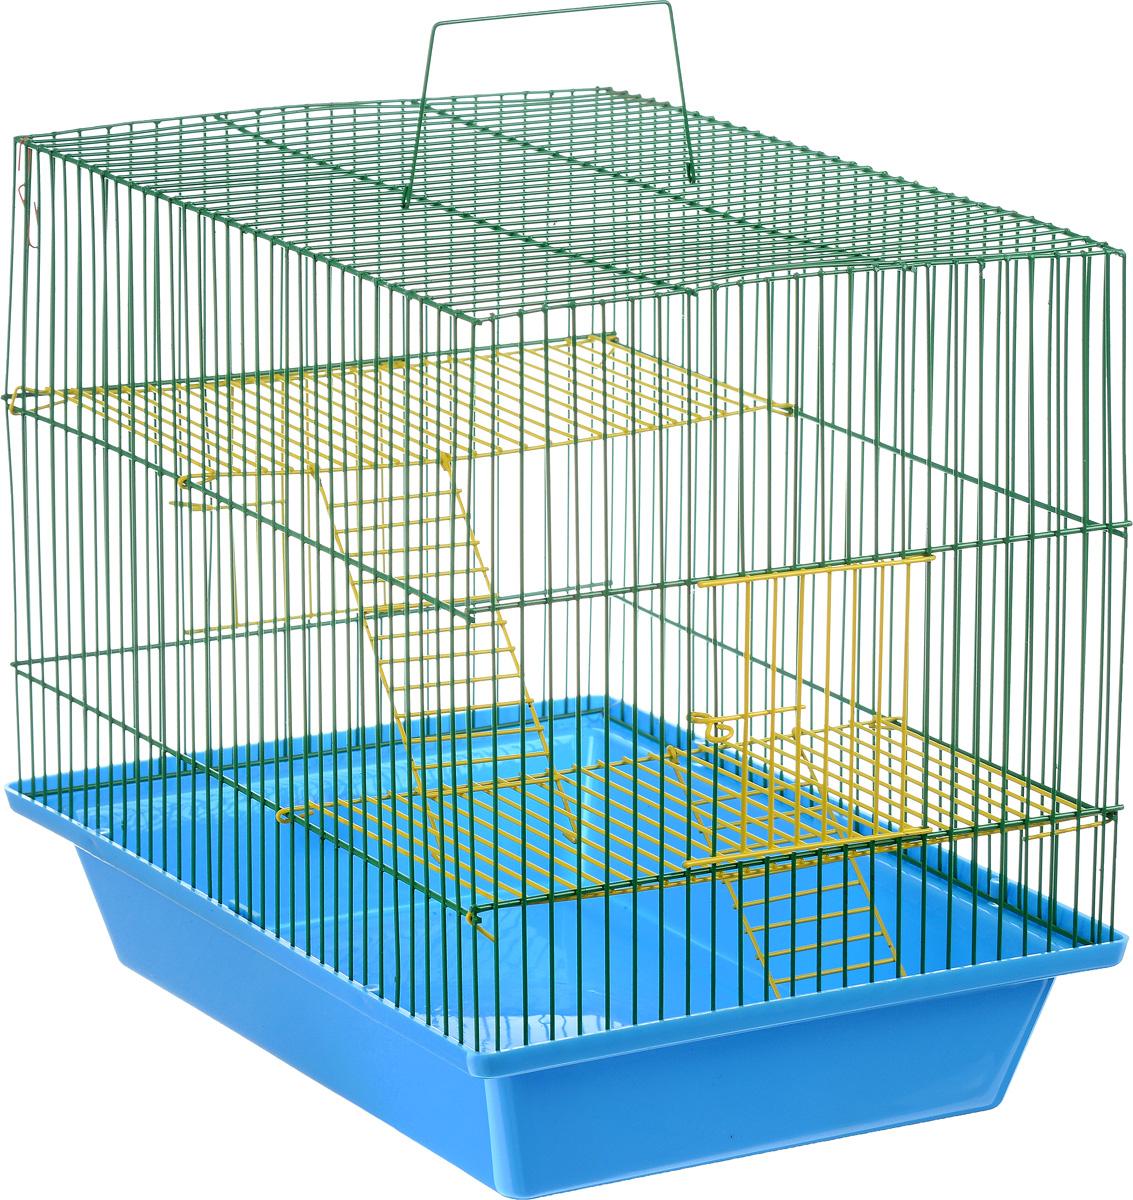 Клетка для грызунов ЗооМарк Гризли, 3-этажная, цвет: синий поддон, зеленая решетка, желтые этажи, 41 х 30 х 36 см. 230ж230жСЗКлетка ЗооМарк Гризли, выполненная из полипропилена и металла, подходит для мелких грызунов. Изделие трехэтажное. Клетка имеет яркий поддон, удобна в использовании и легко чистится. Сверху имеется ручка для переноски. Такая клетка станет уединенным личным пространством и уютным домиком для маленького грызуна.